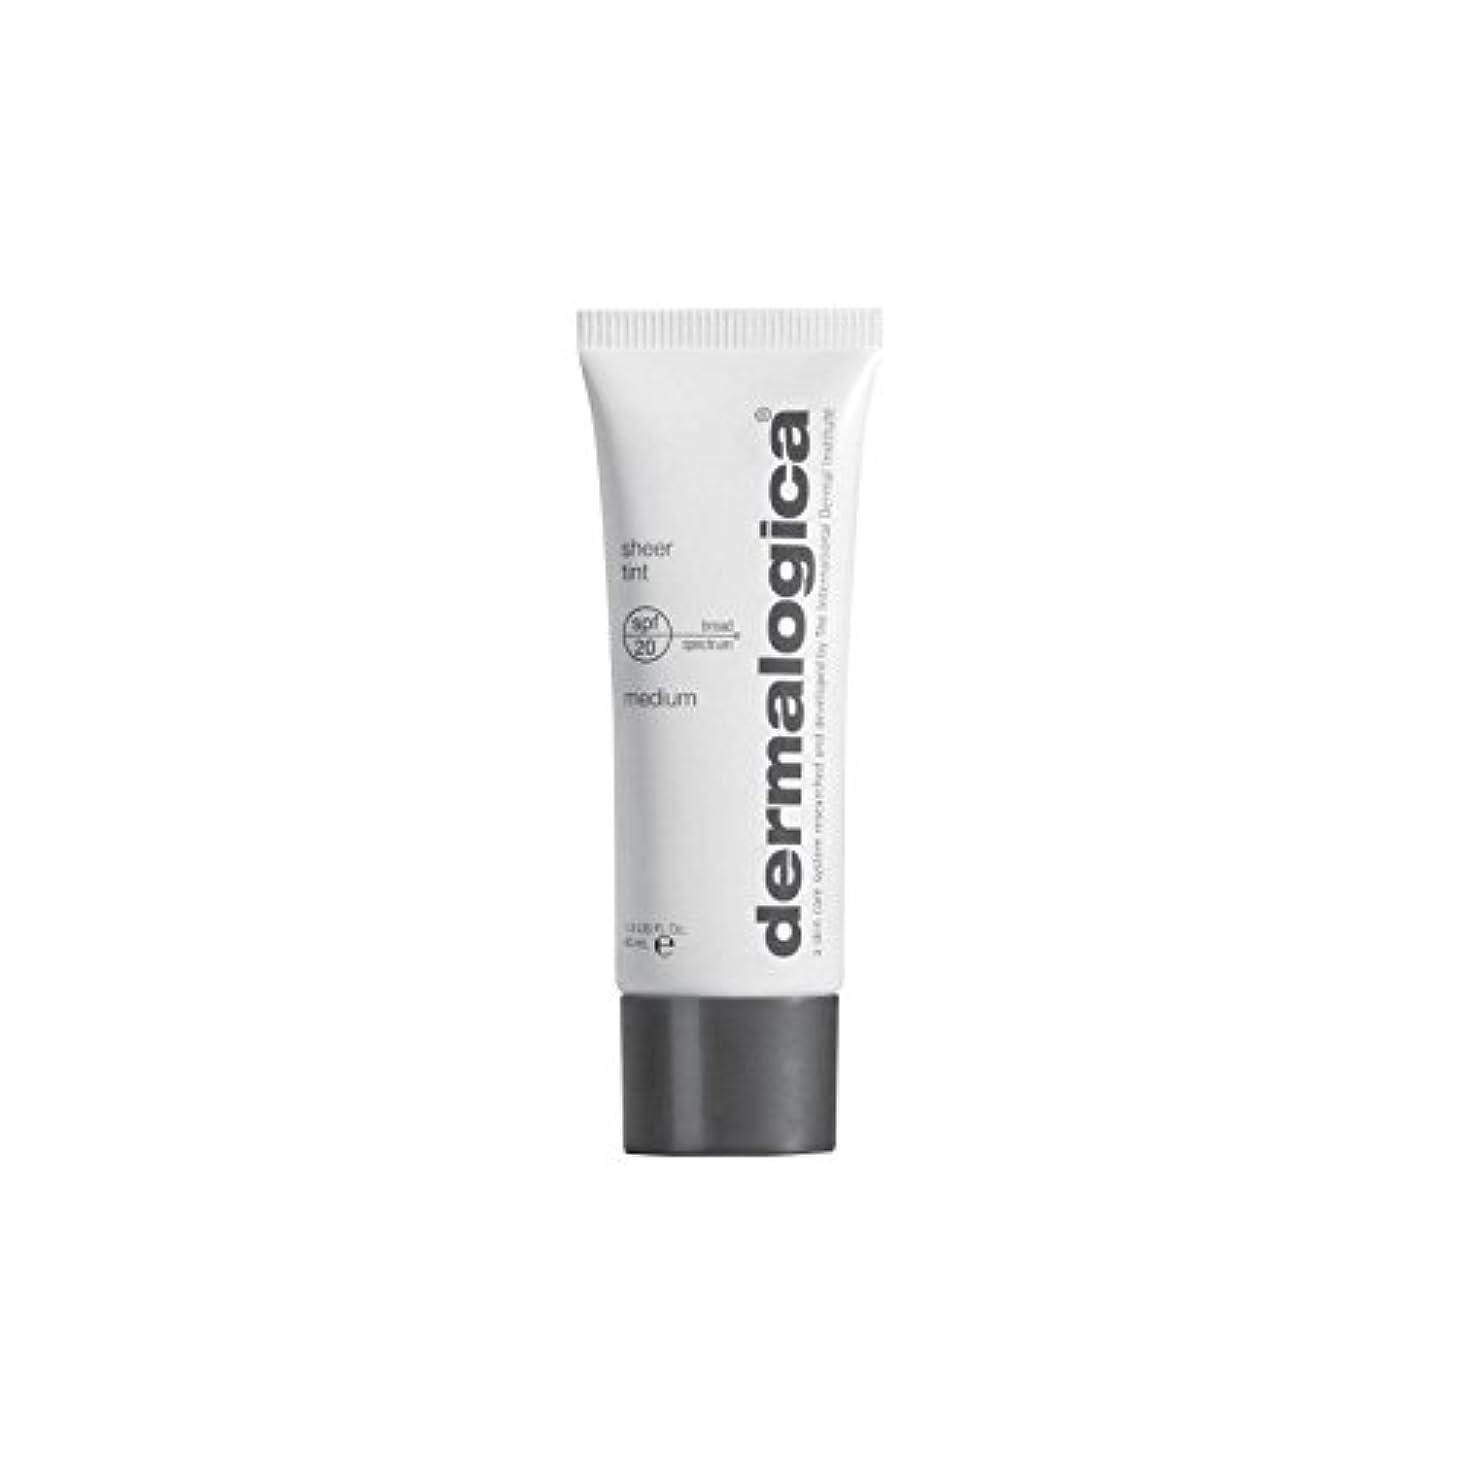 路地合計習熟度Dermalogica Sheer Tint Spf 20- Medium - ダーマロジカシアーティント 20-メディア [並行輸入品]